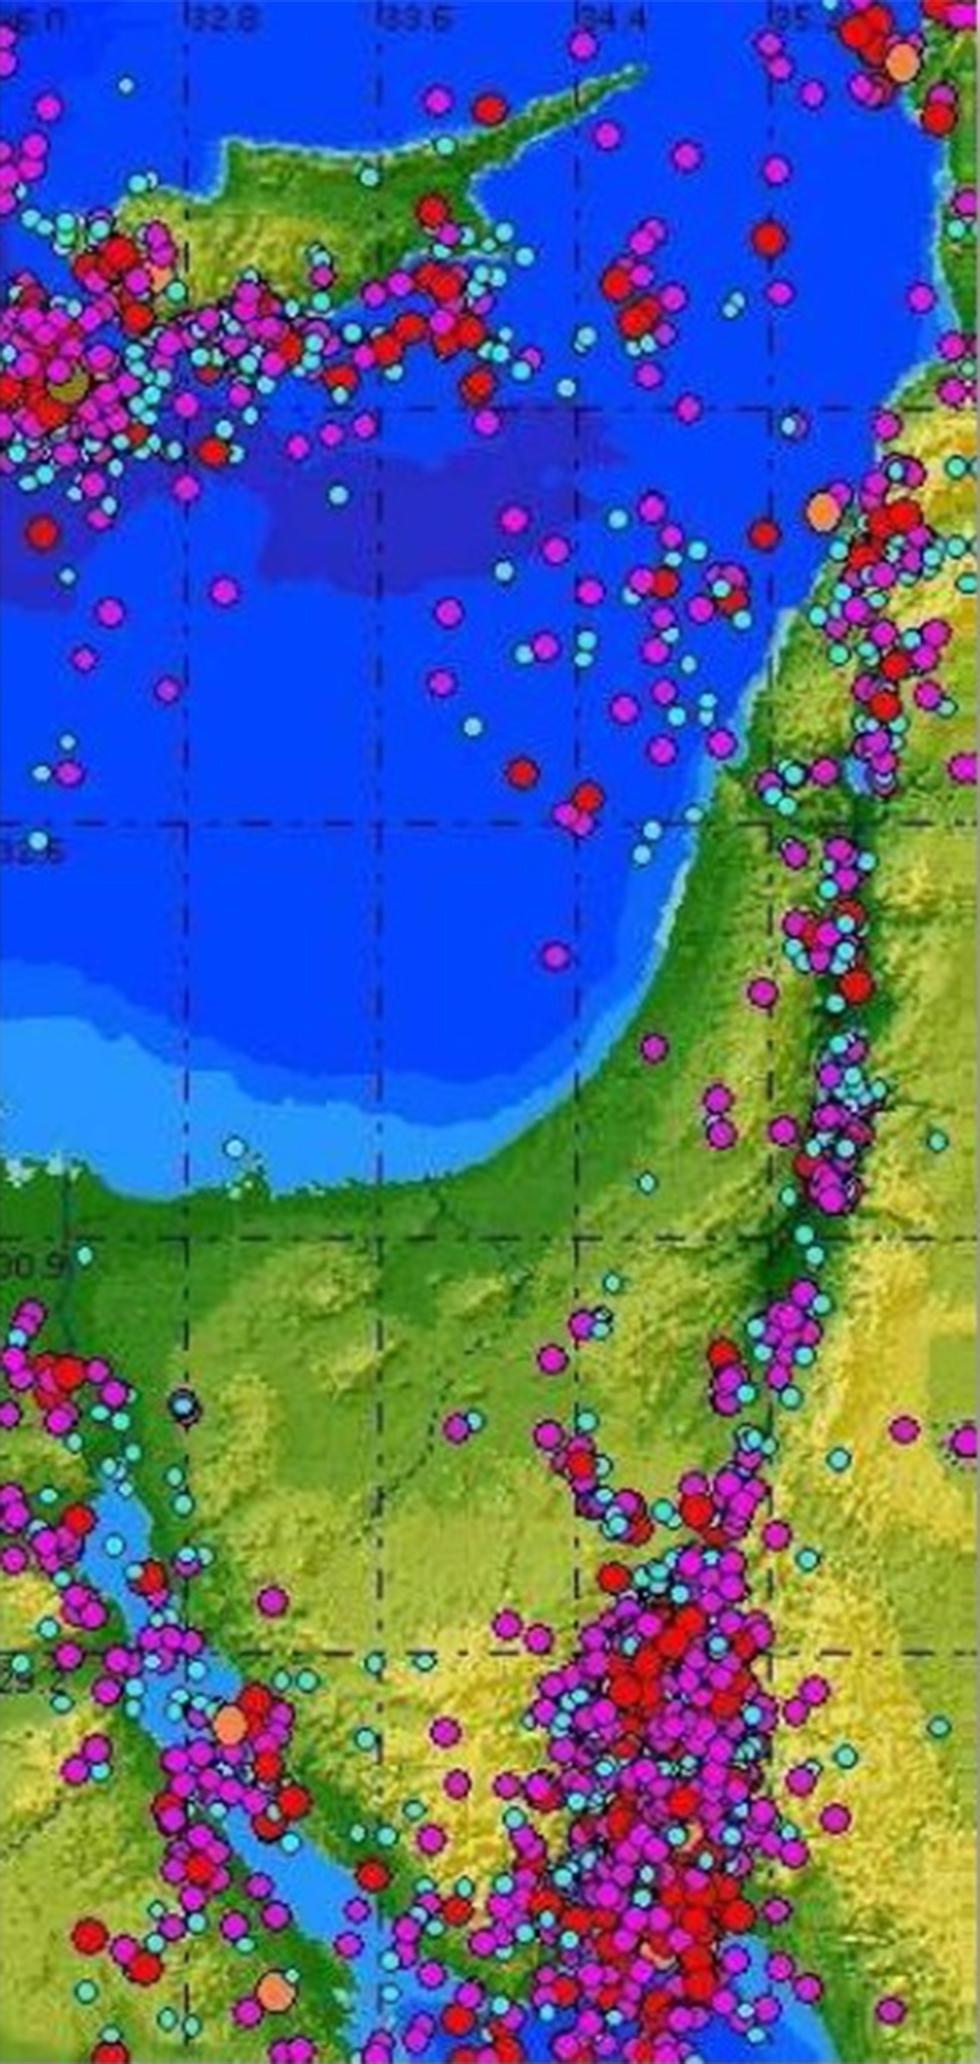 מפת מוקדי סיכון רעידות אדמה (מקור: דוח ועדת ההיגוי לרעידות אדמה בישראל )